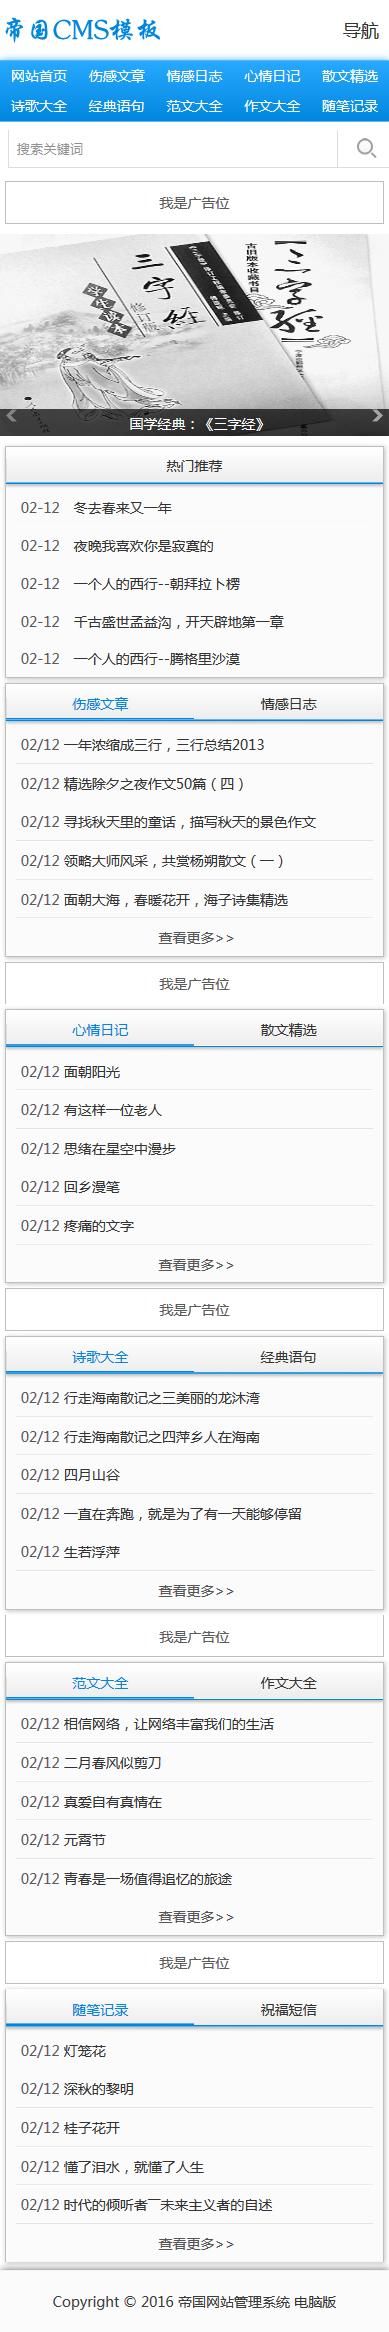 帝国cms蓝色文章类手机wap模板_首页模板